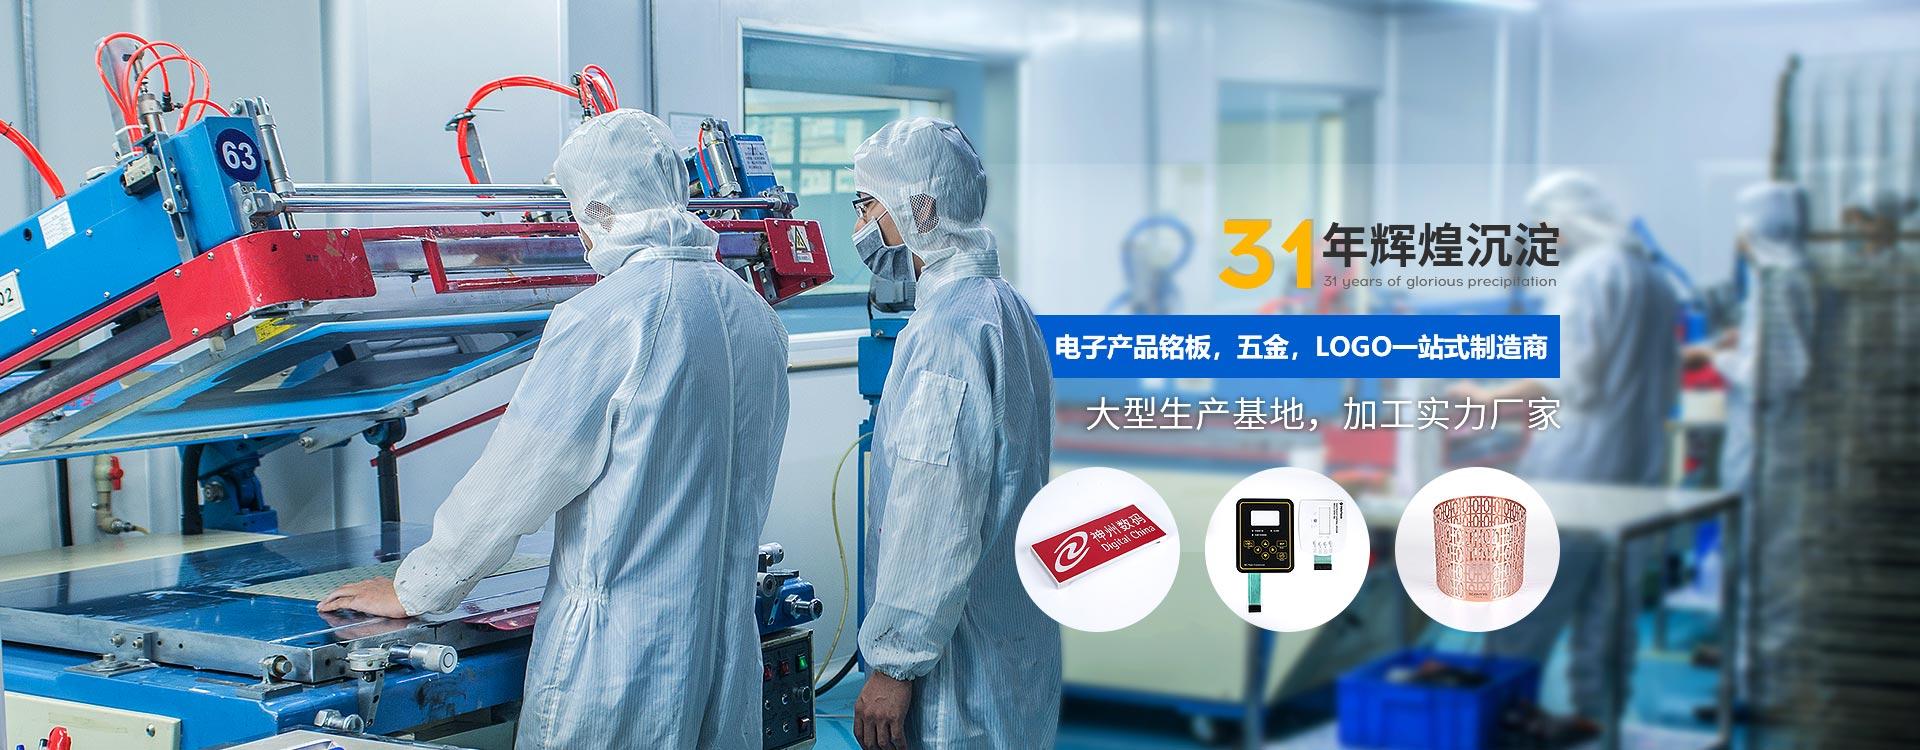 维运-电子产品 铭板,五金,LOGO一站式制造商